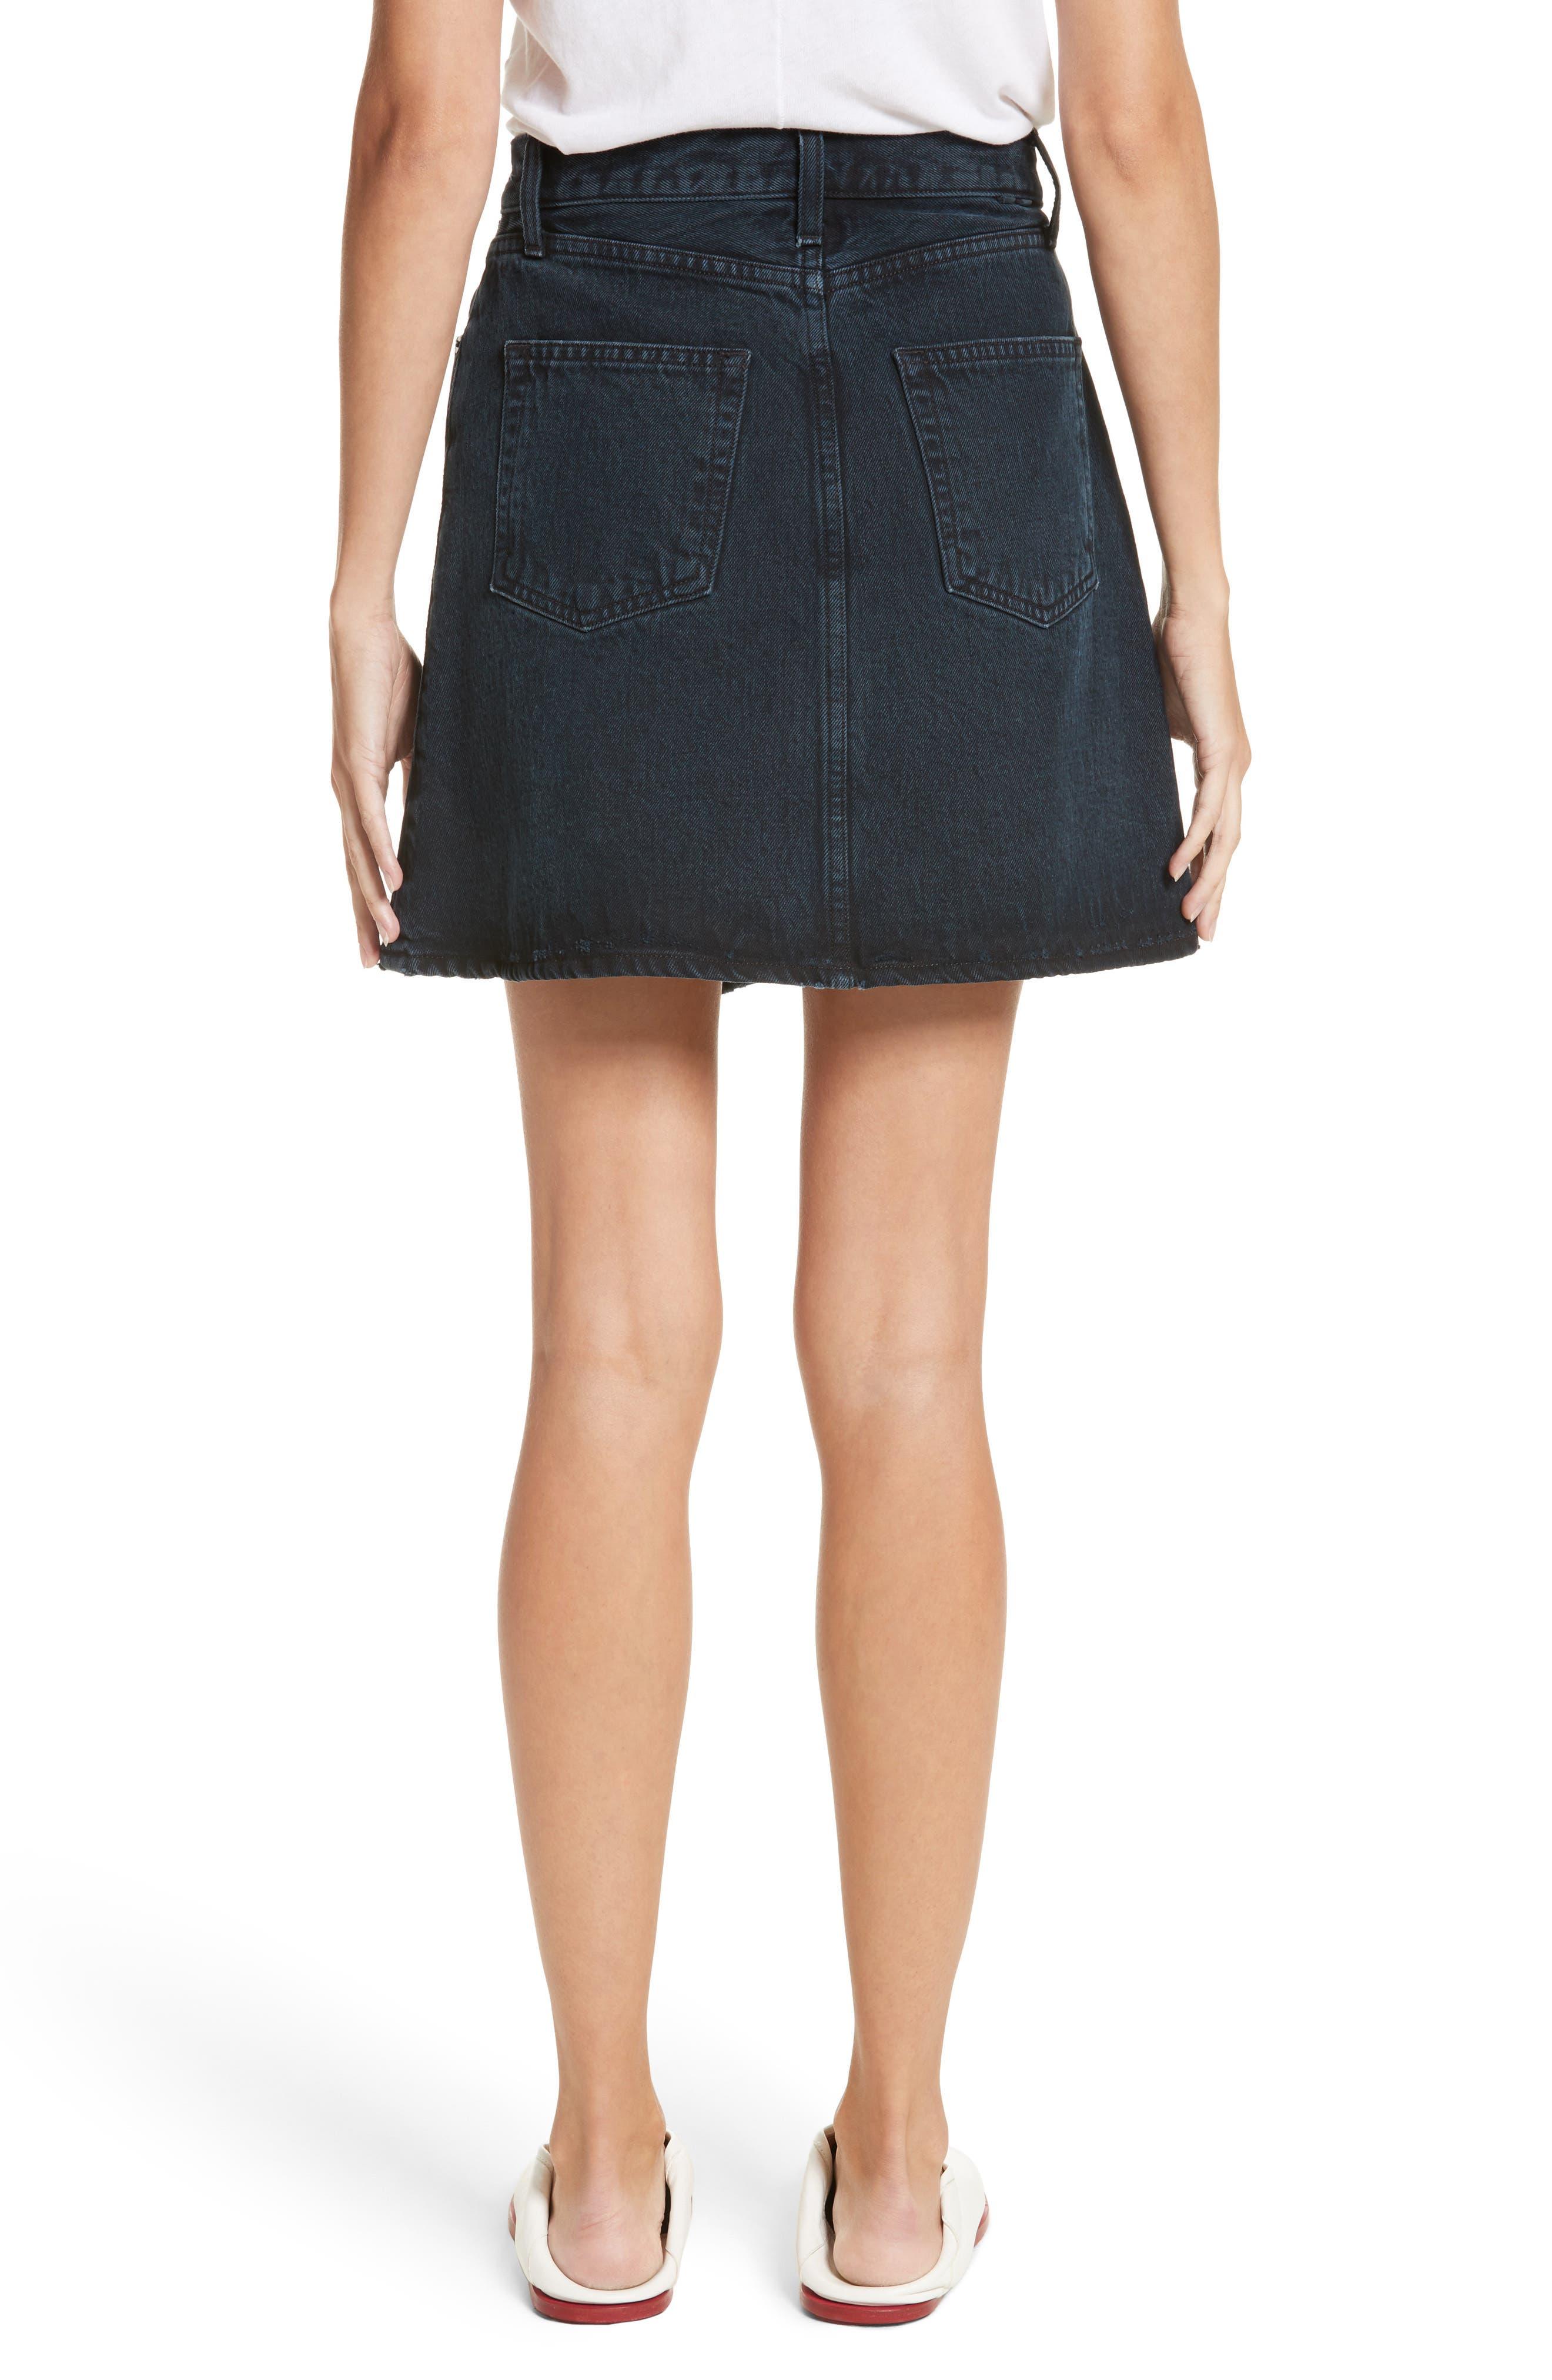 PSWL Folded Denim Skirt,                             Alternate thumbnail 2, color,